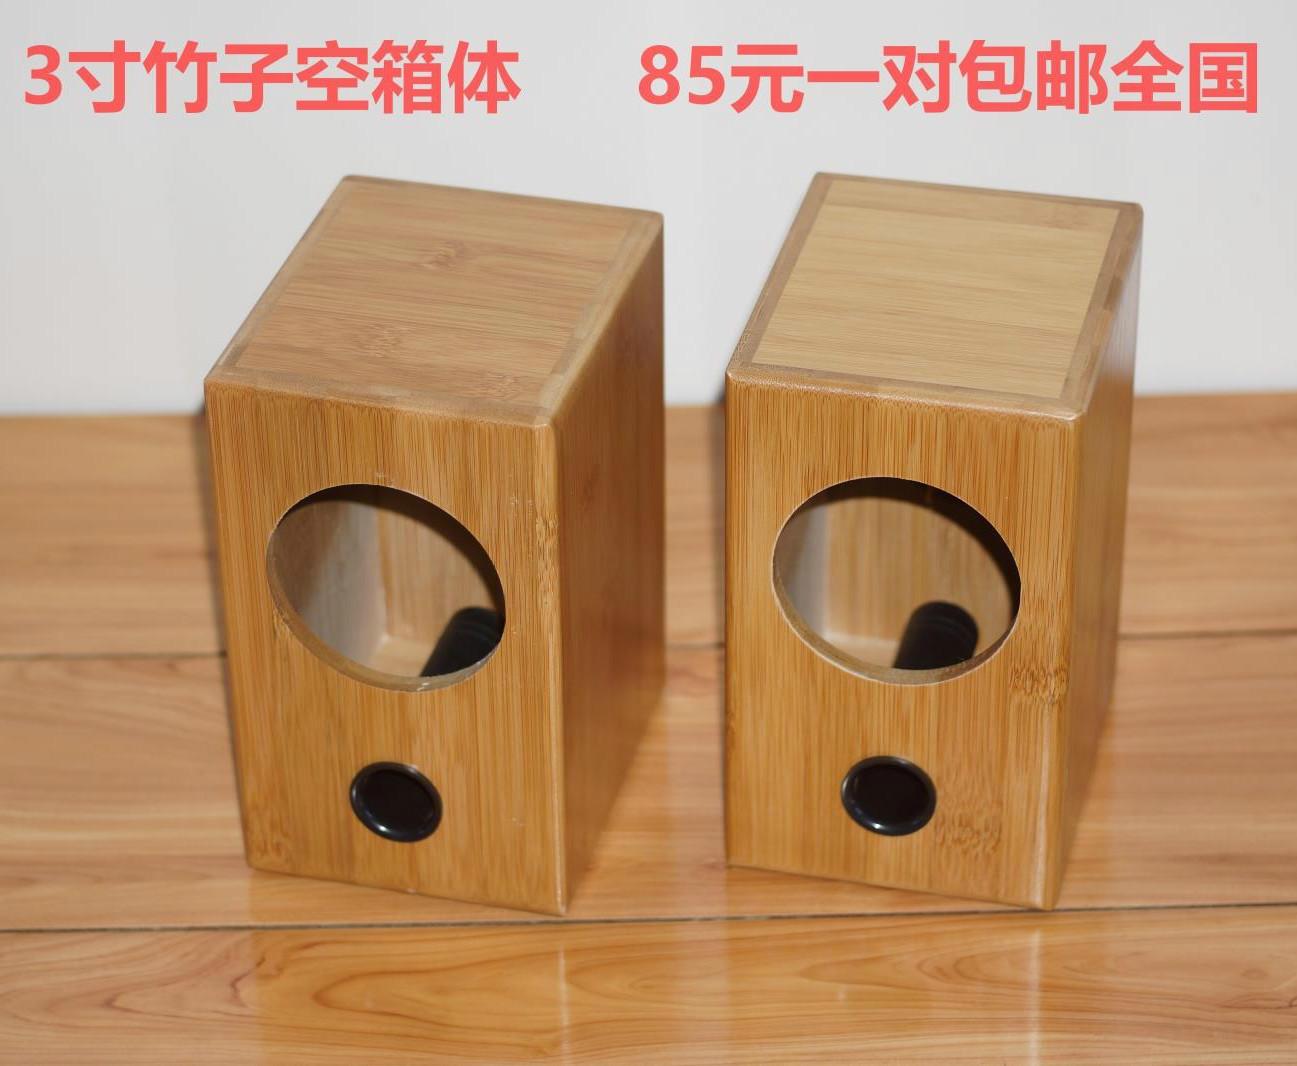 Бамбук 3 дюймовый динамик пустой тело ручной статья дерево HIFI лихорадка уровень кольцо вокруг спутниковое мини звук